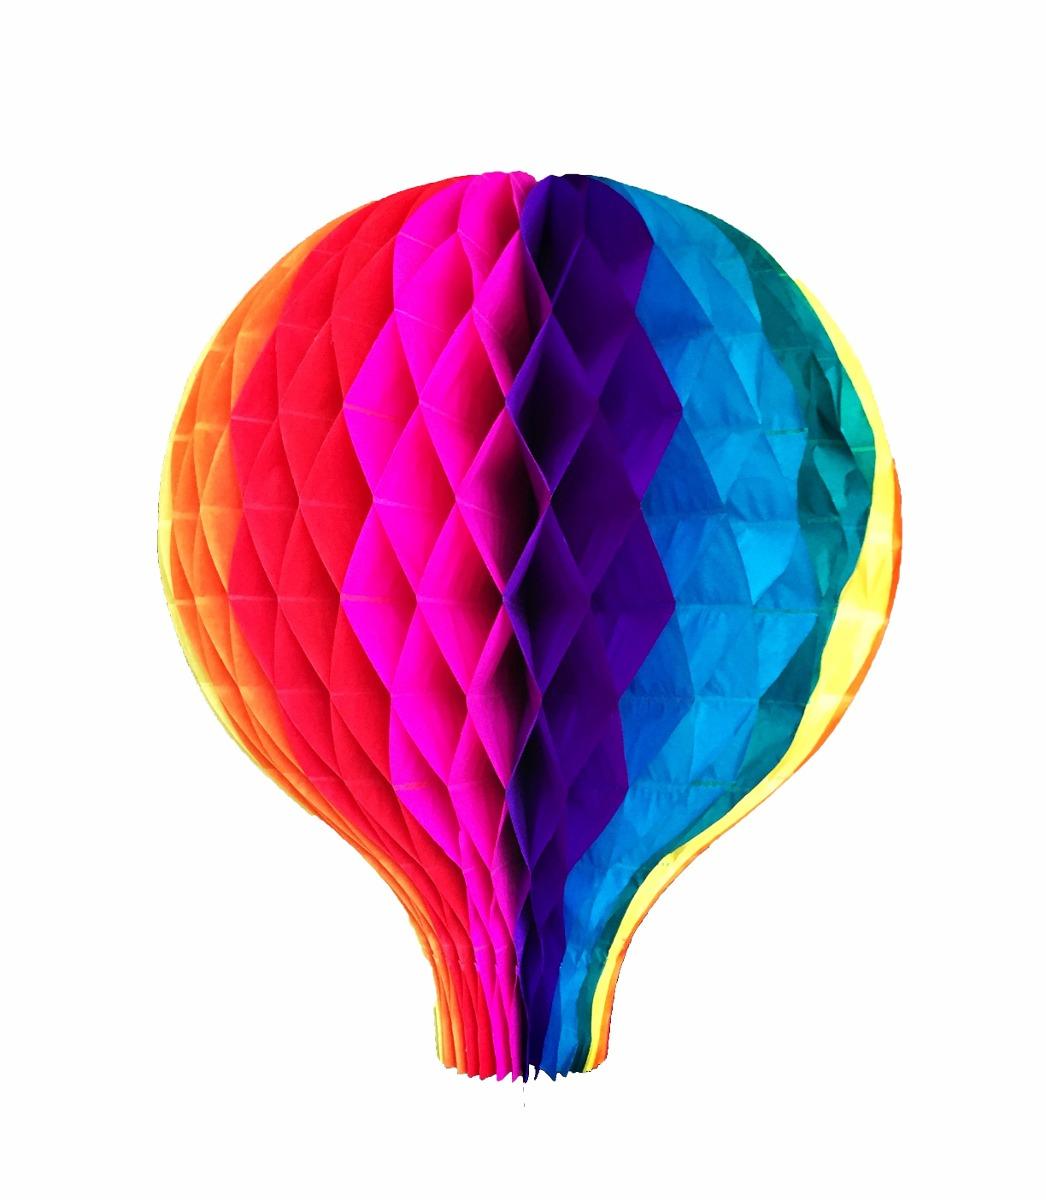 Bal u00e3o Origami De Seda Colorido P Decoraç u00e3o De Festa Junina R$ 29,90 em Mercado Livre -> Decoração De Balões Festa Junina